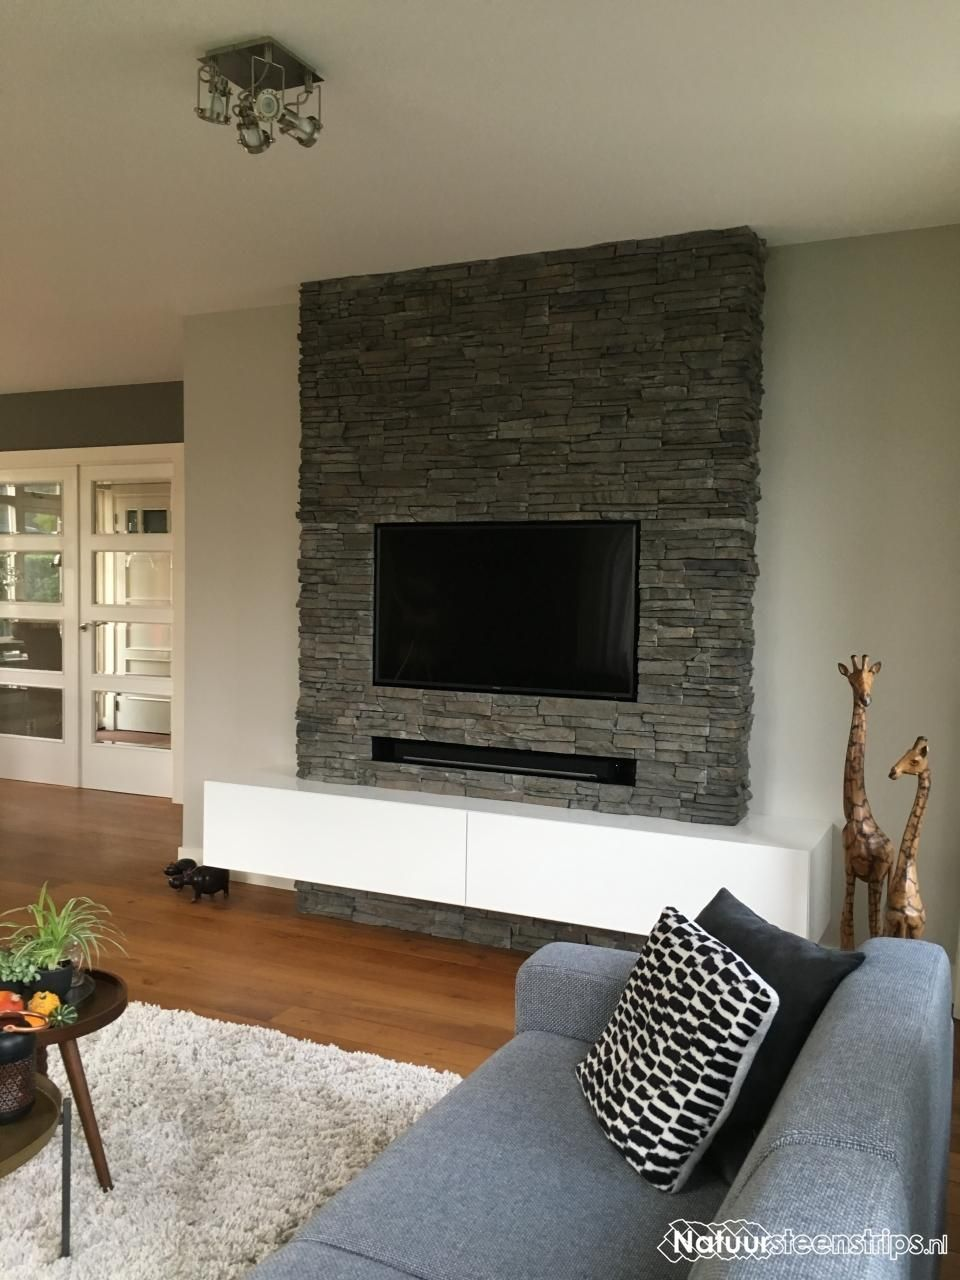 scaglia steenpanelen geopietra wandbekleding voor gevel open haard woonkeuken voor strakke. Black Bedroom Furniture Sets. Home Design Ideas